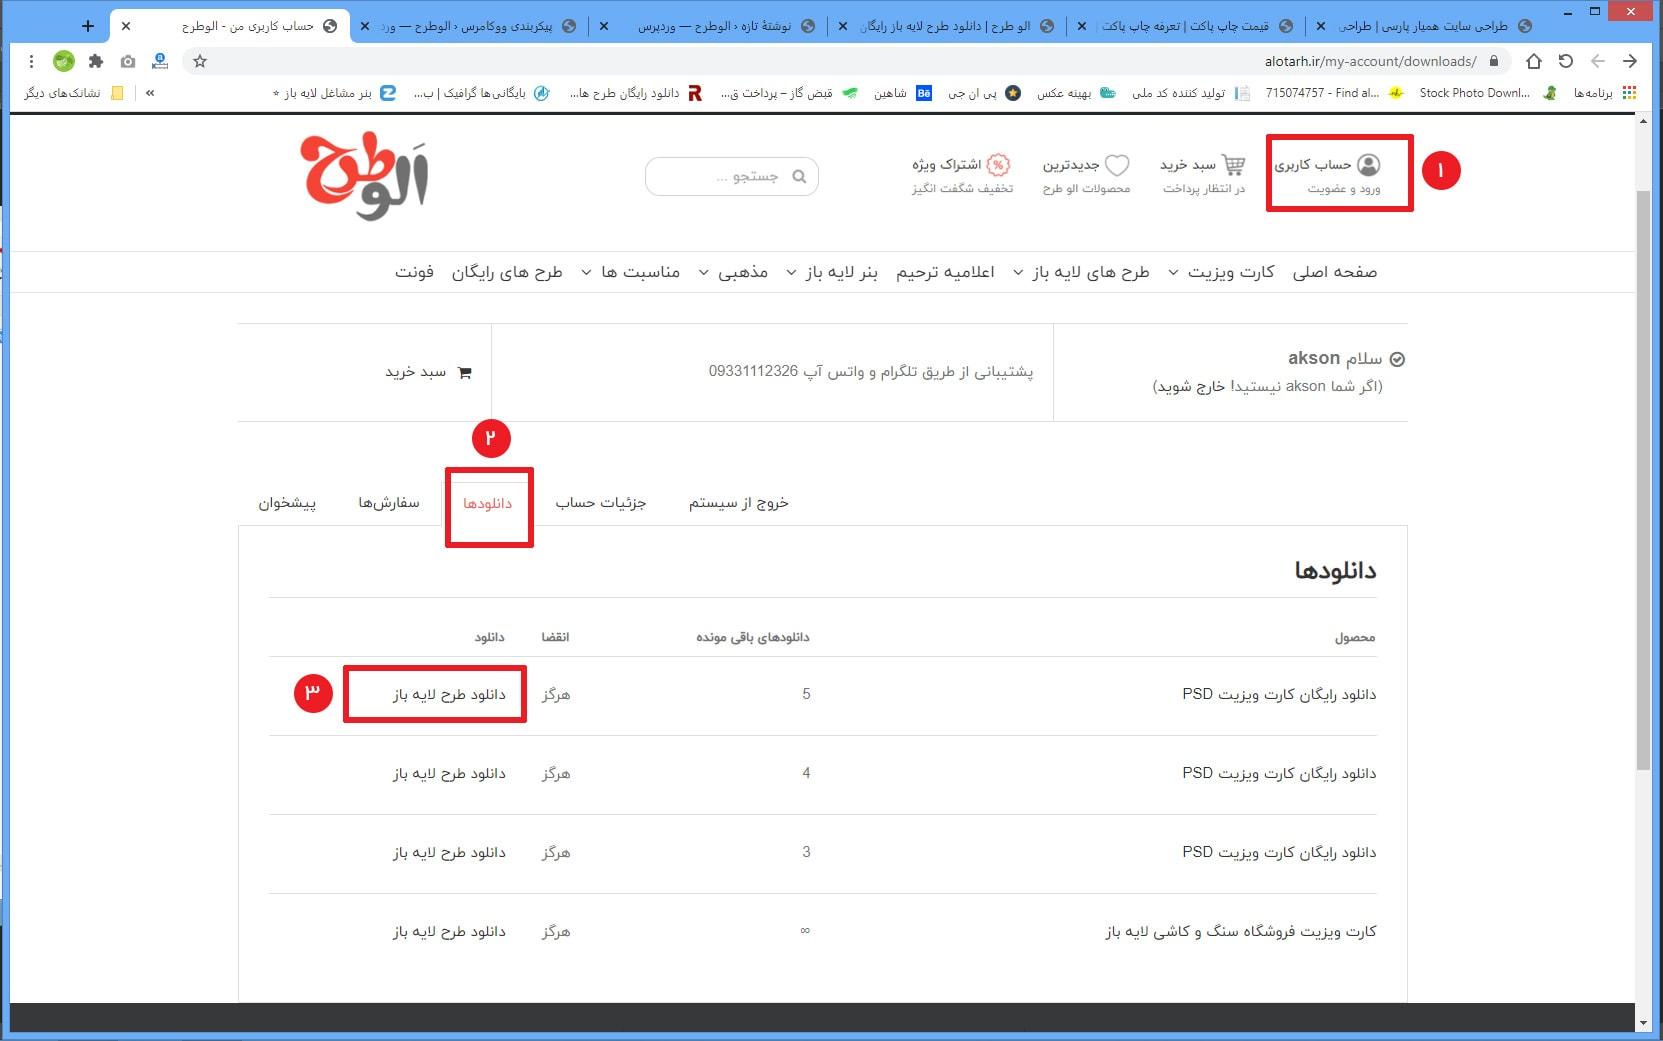 آموزش خرید تکی و دانلود فایل PSD (7)